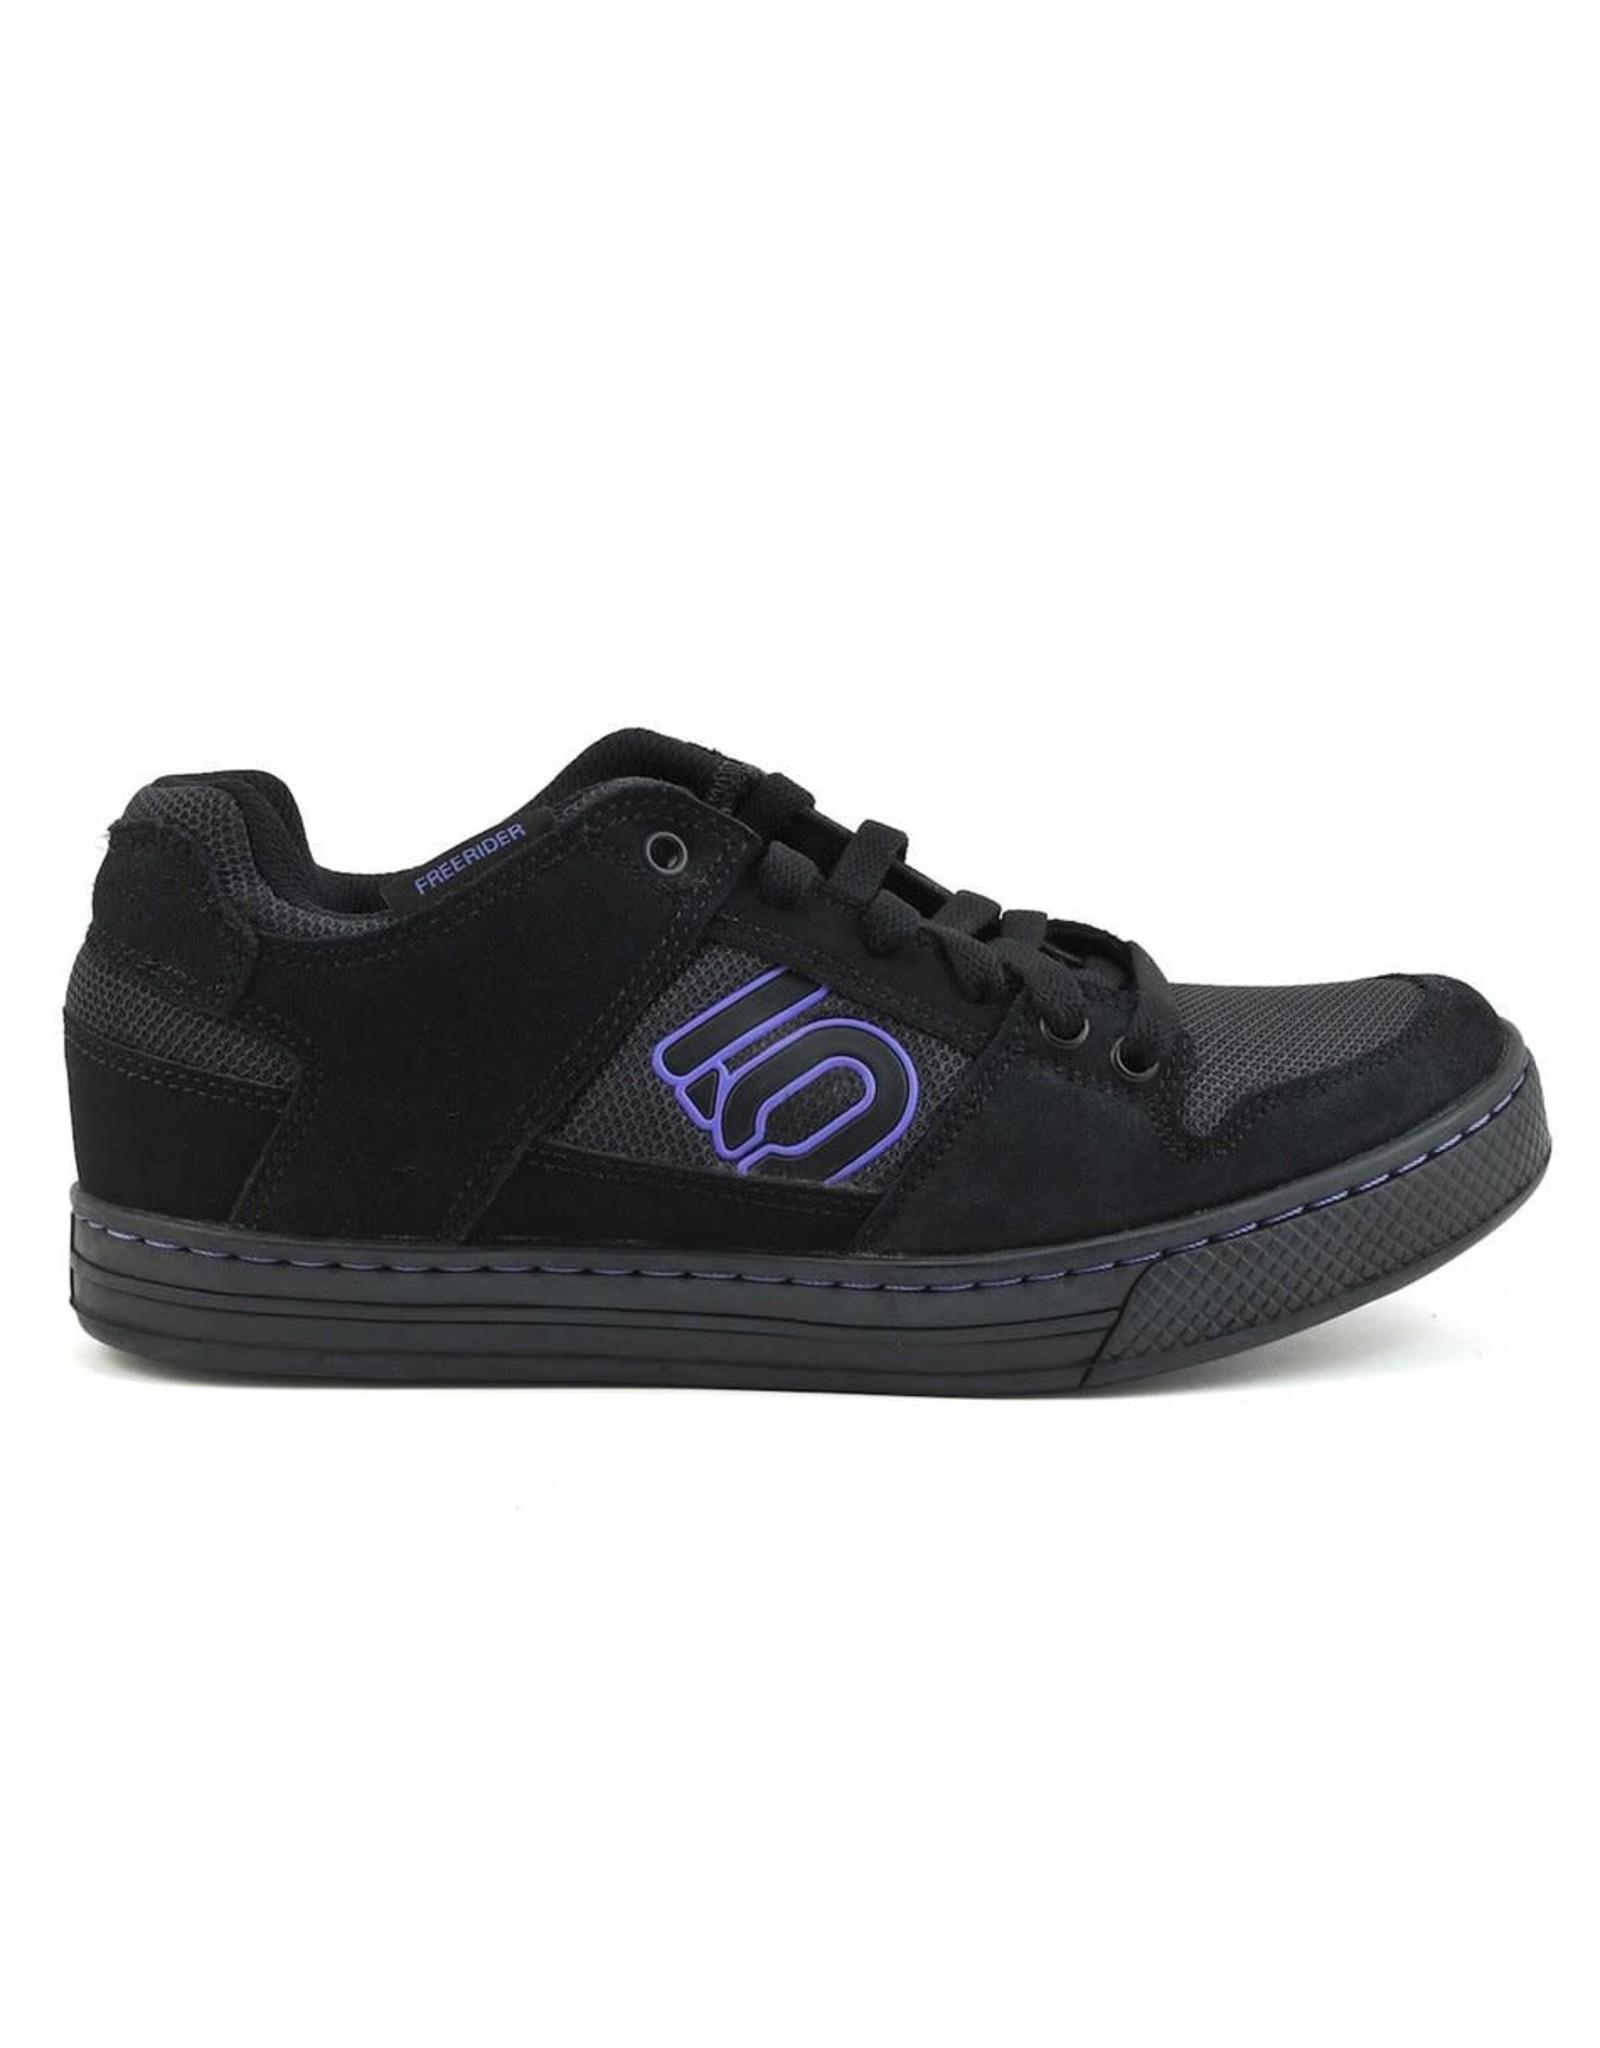 Five Ten Five Ten Freerider Women's Flat Pedal Shoe: Black/Purple